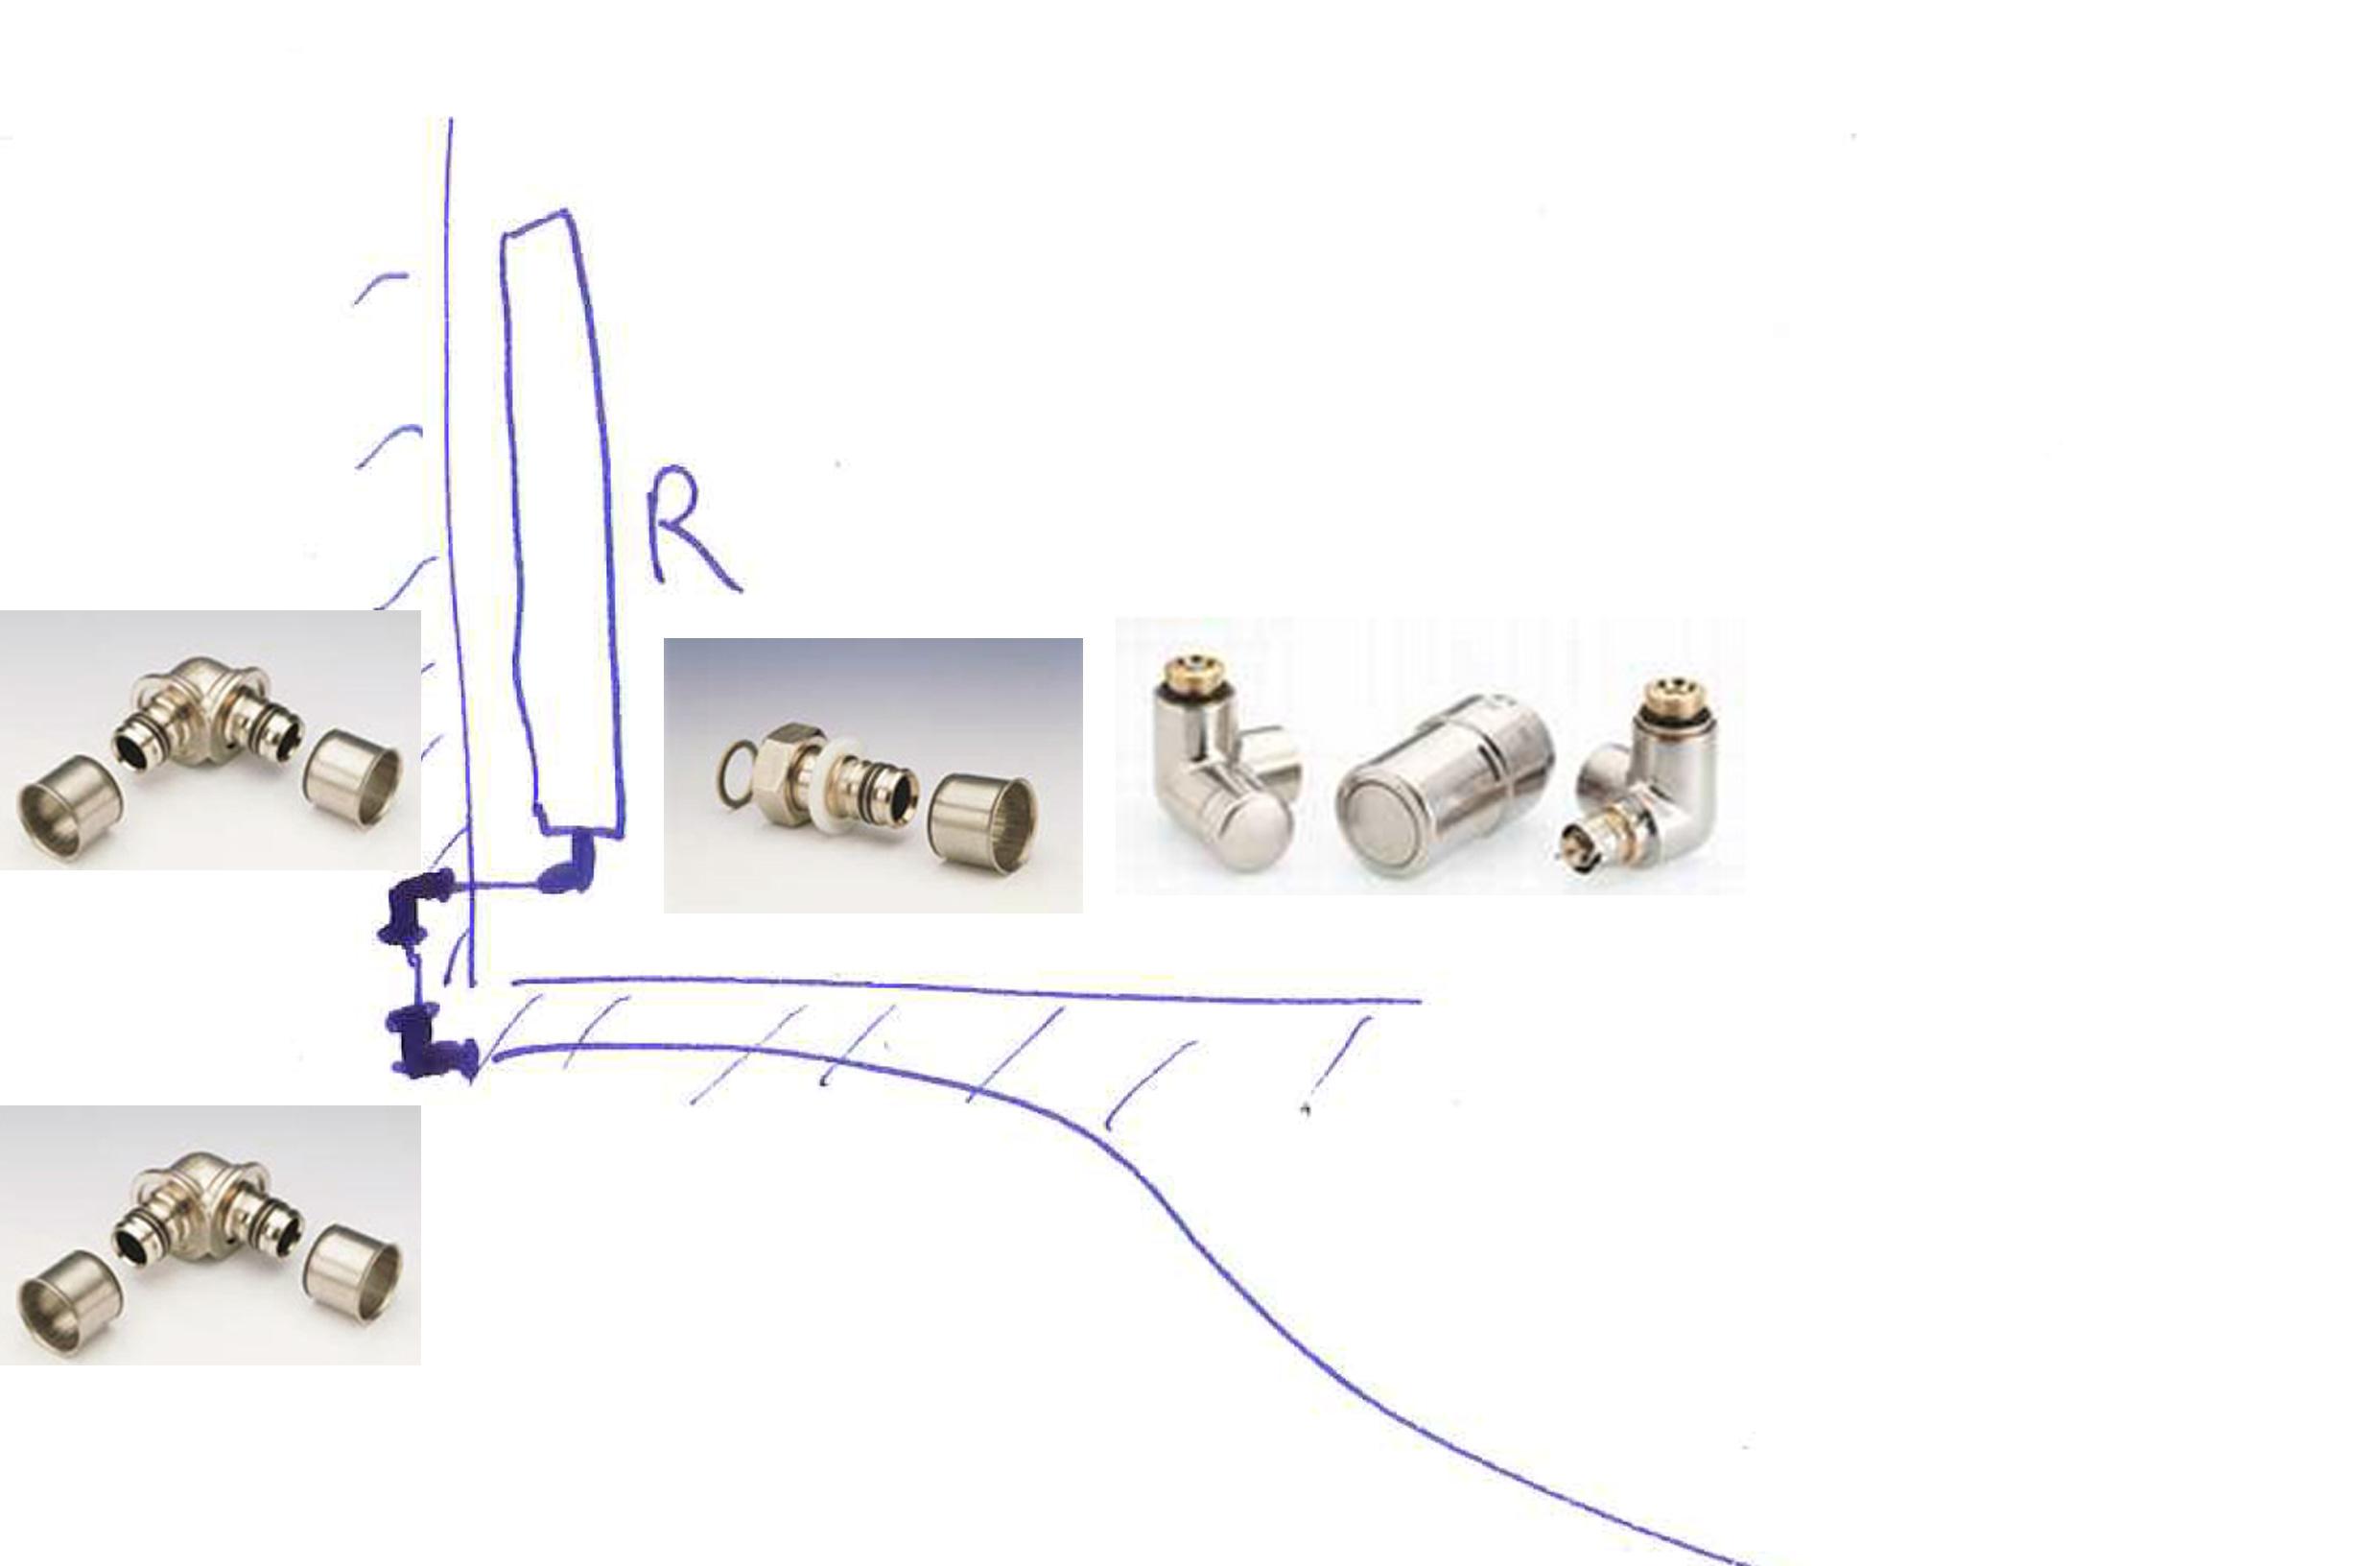 sortie de cloison multicouche pour radiateurs page 1 installations de plomberie en g n rale. Black Bedroom Furniture Sets. Home Design Ideas